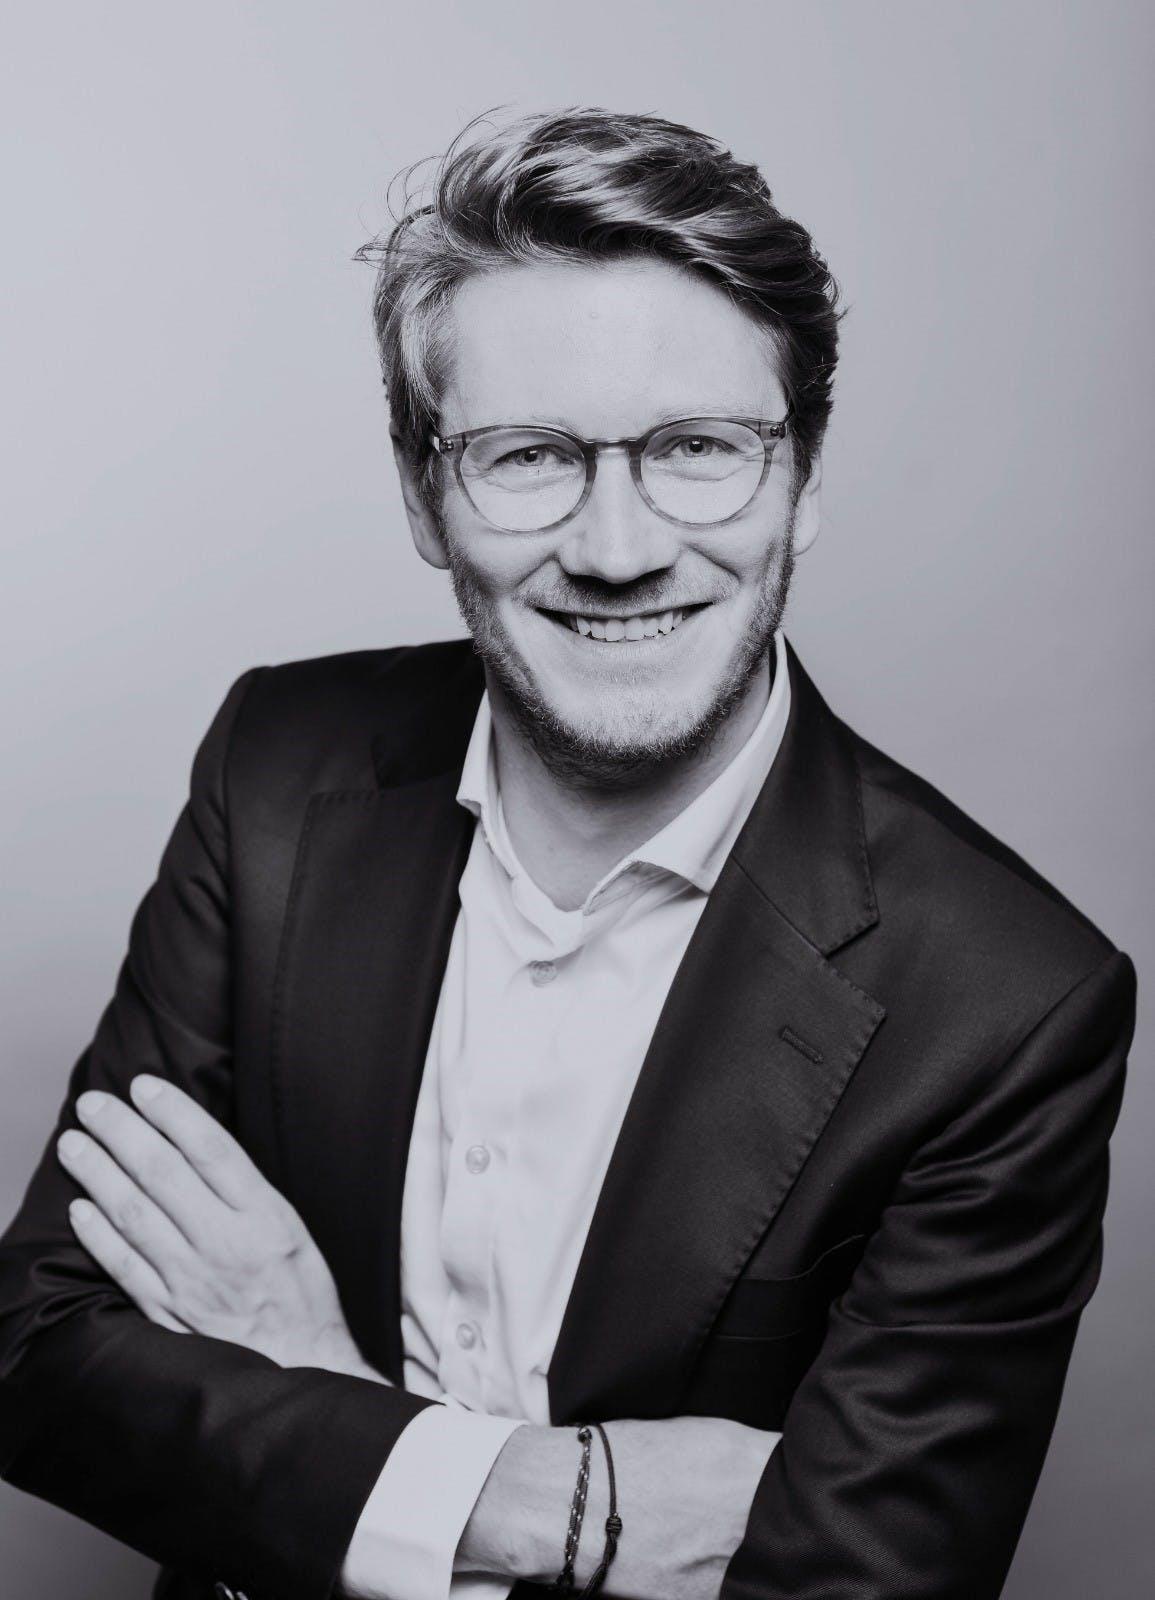 Tony Hurst, Regional Manager of Asia